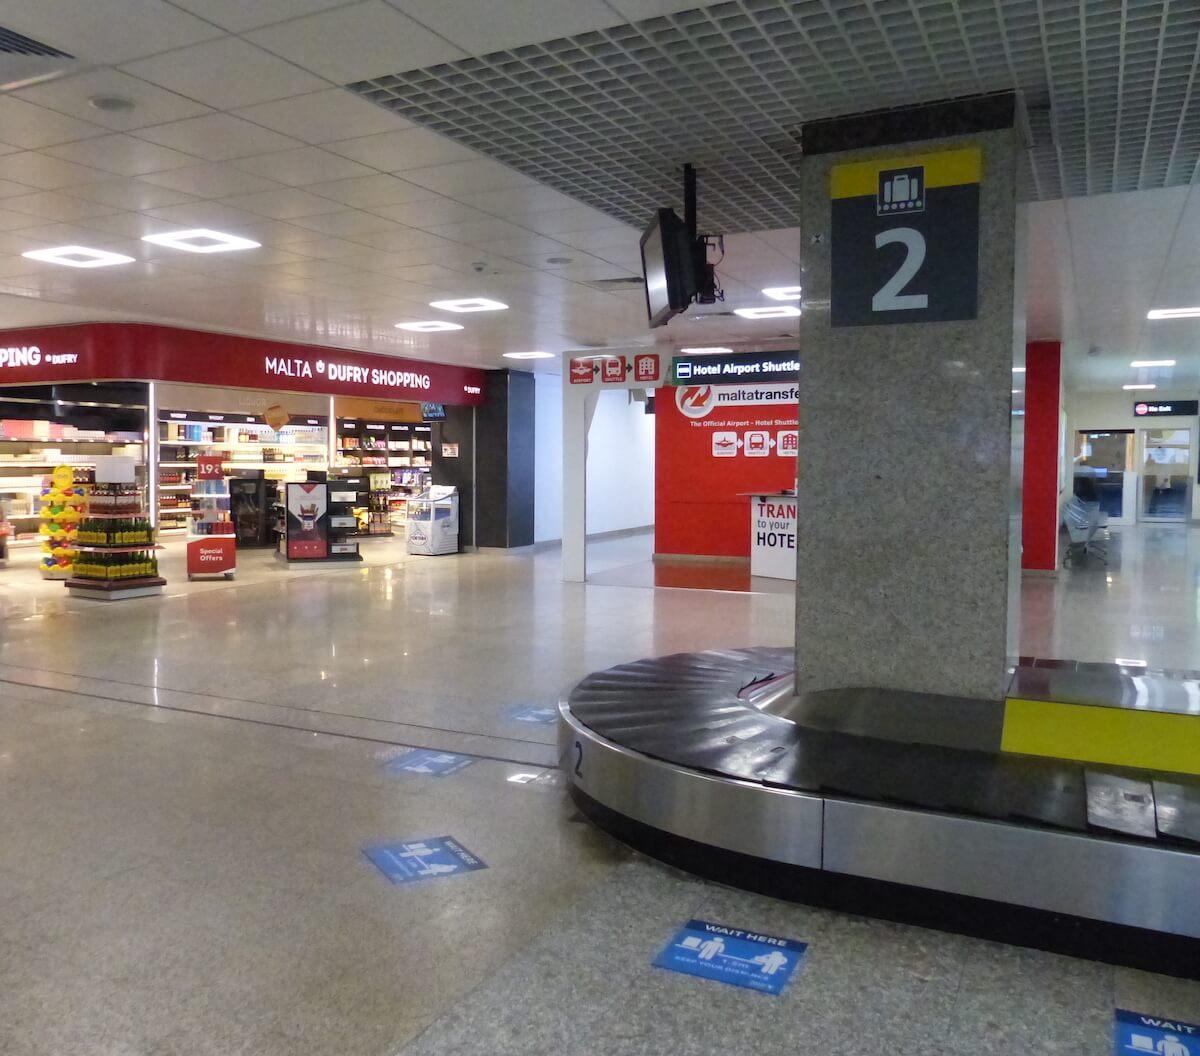 Área de Remoção de bagagem do Aeroporto de Malta